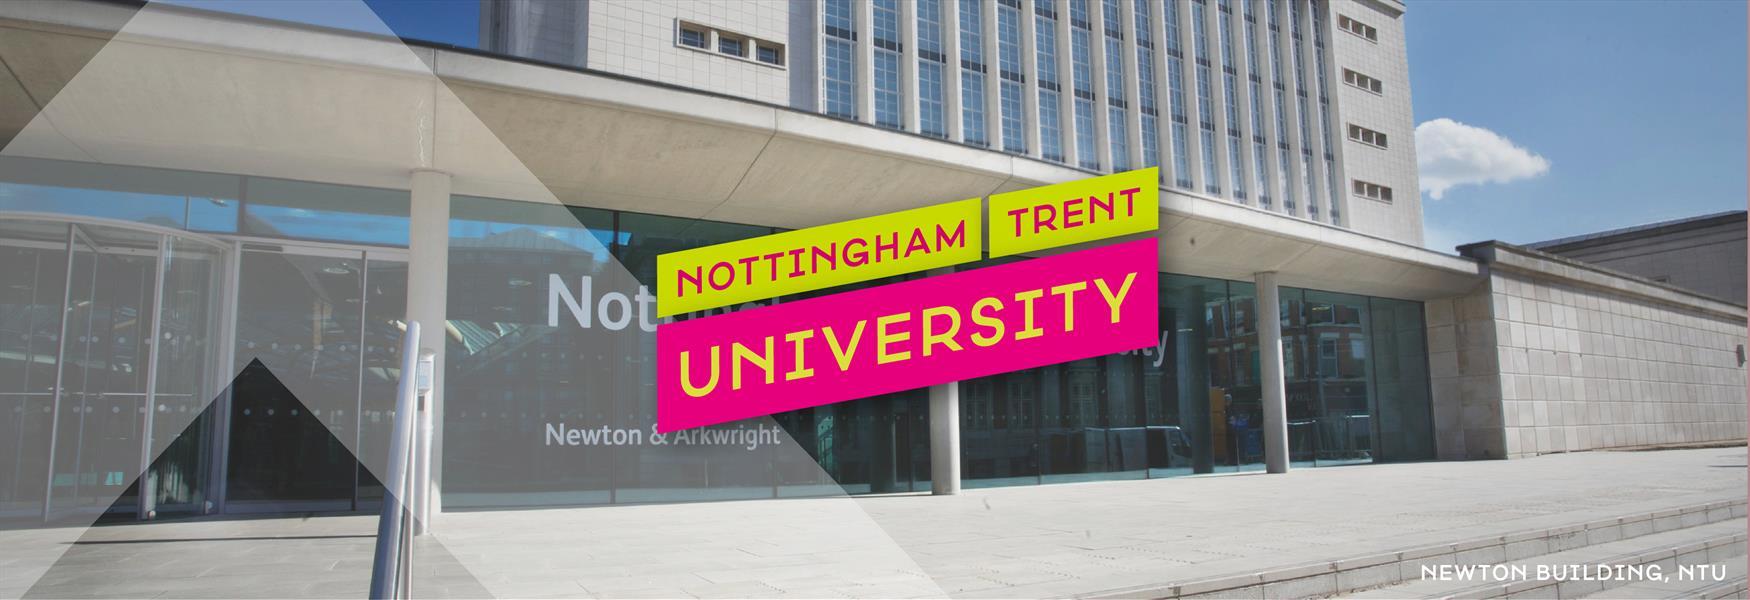 Nottingham Trent University Banner